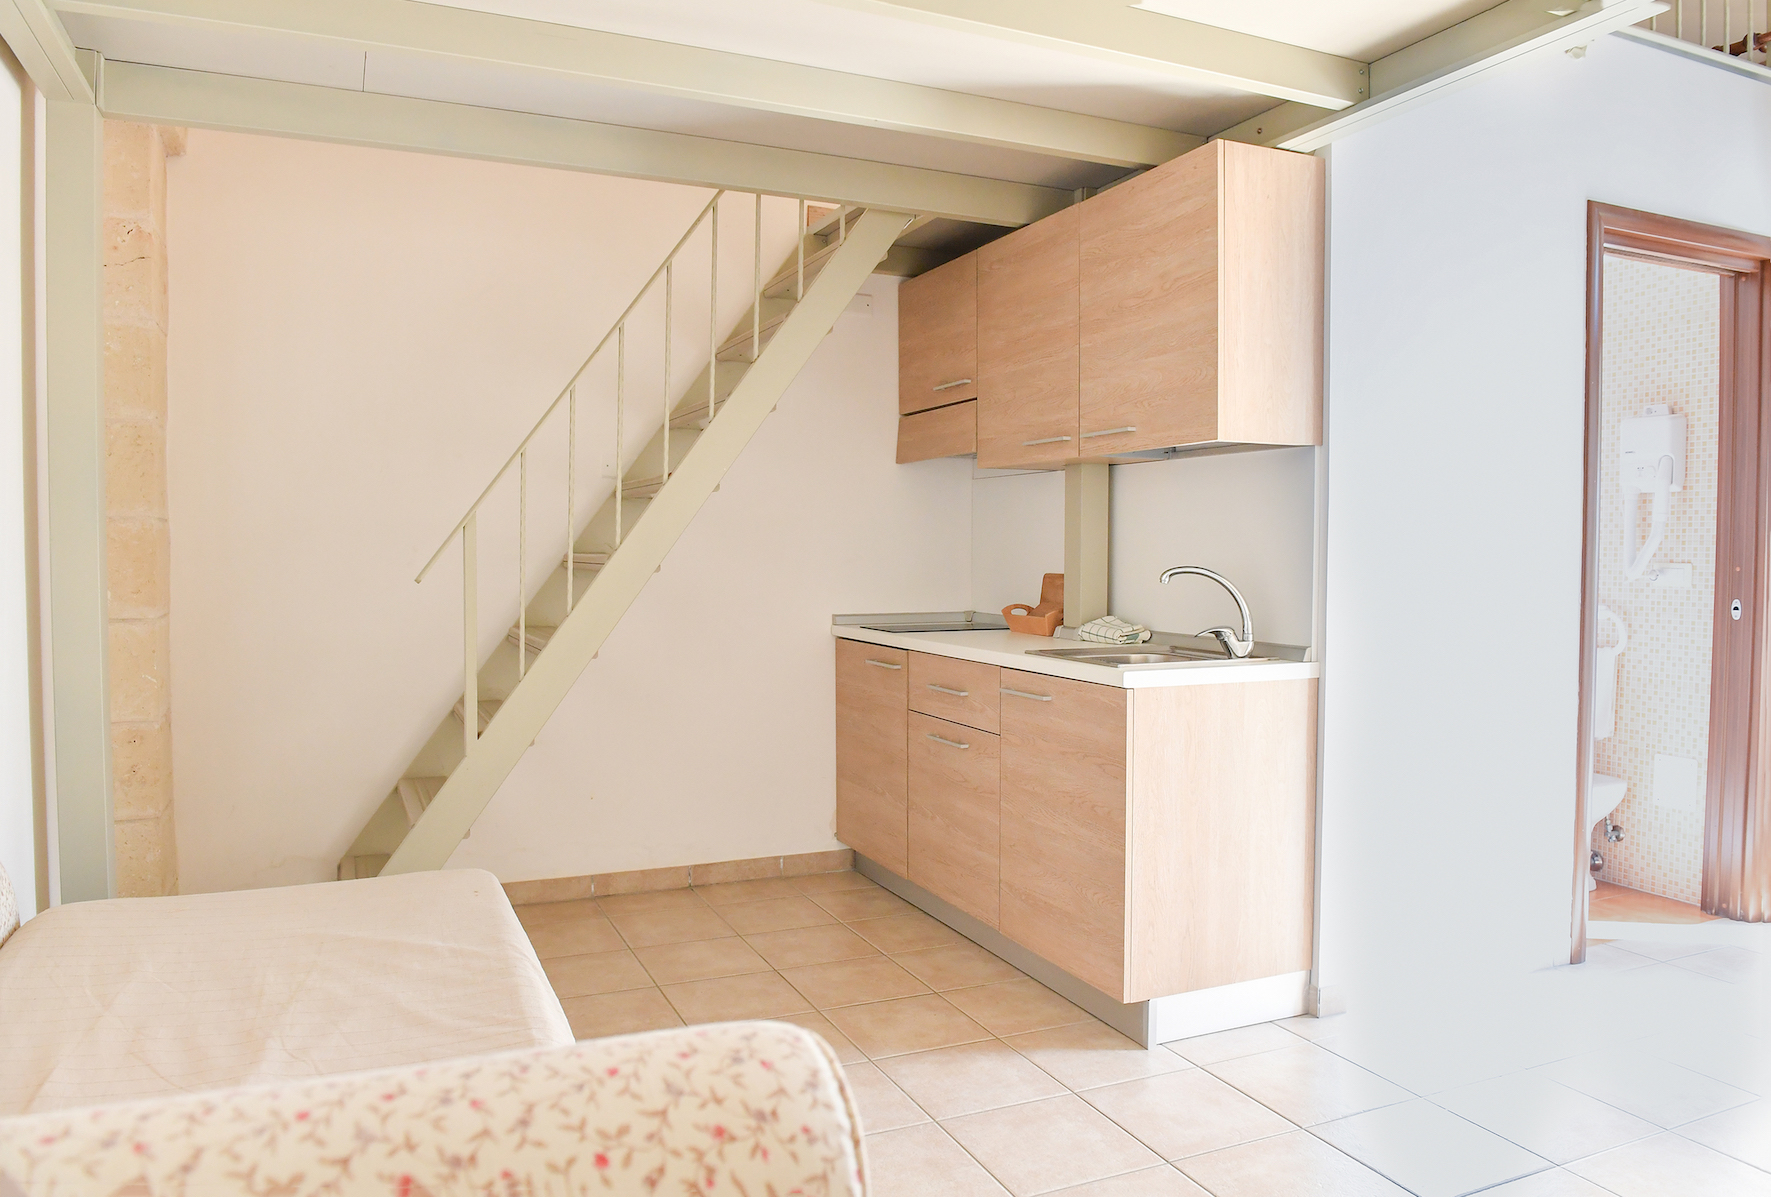 Lecce 6 - Wohnzimmer und Kûche